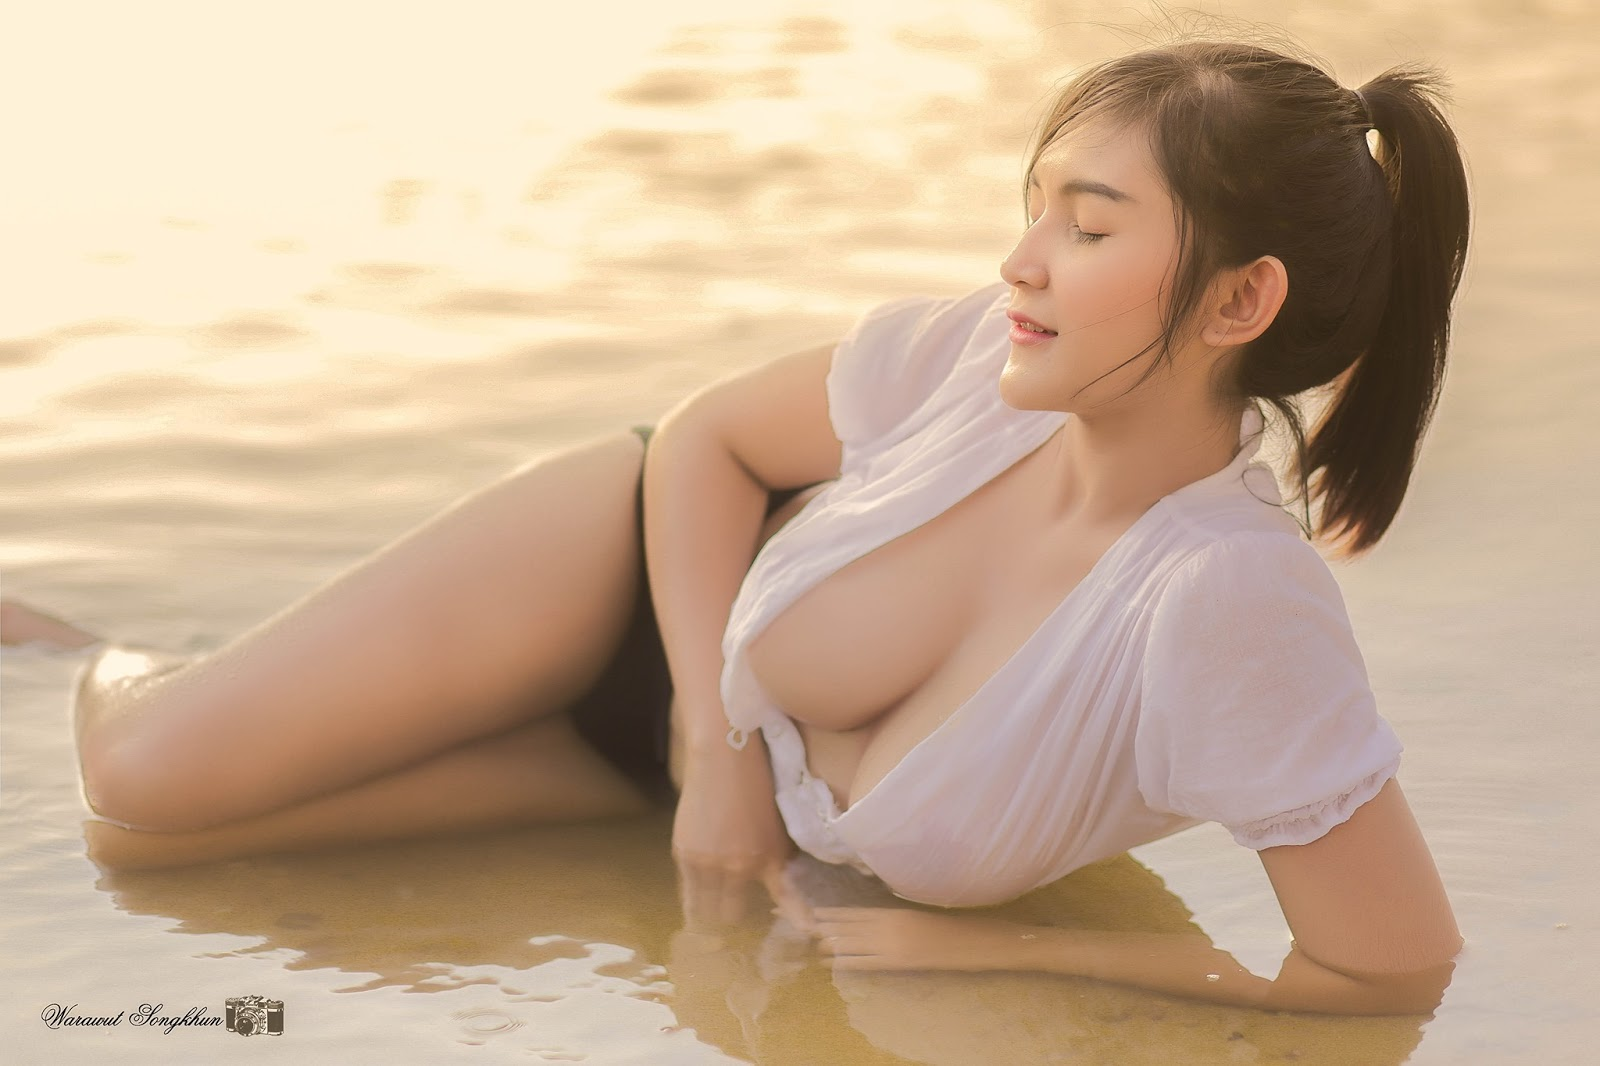 No mắt với bầu ngực căng tràn của mẫu nữ mới nổi Thái lan